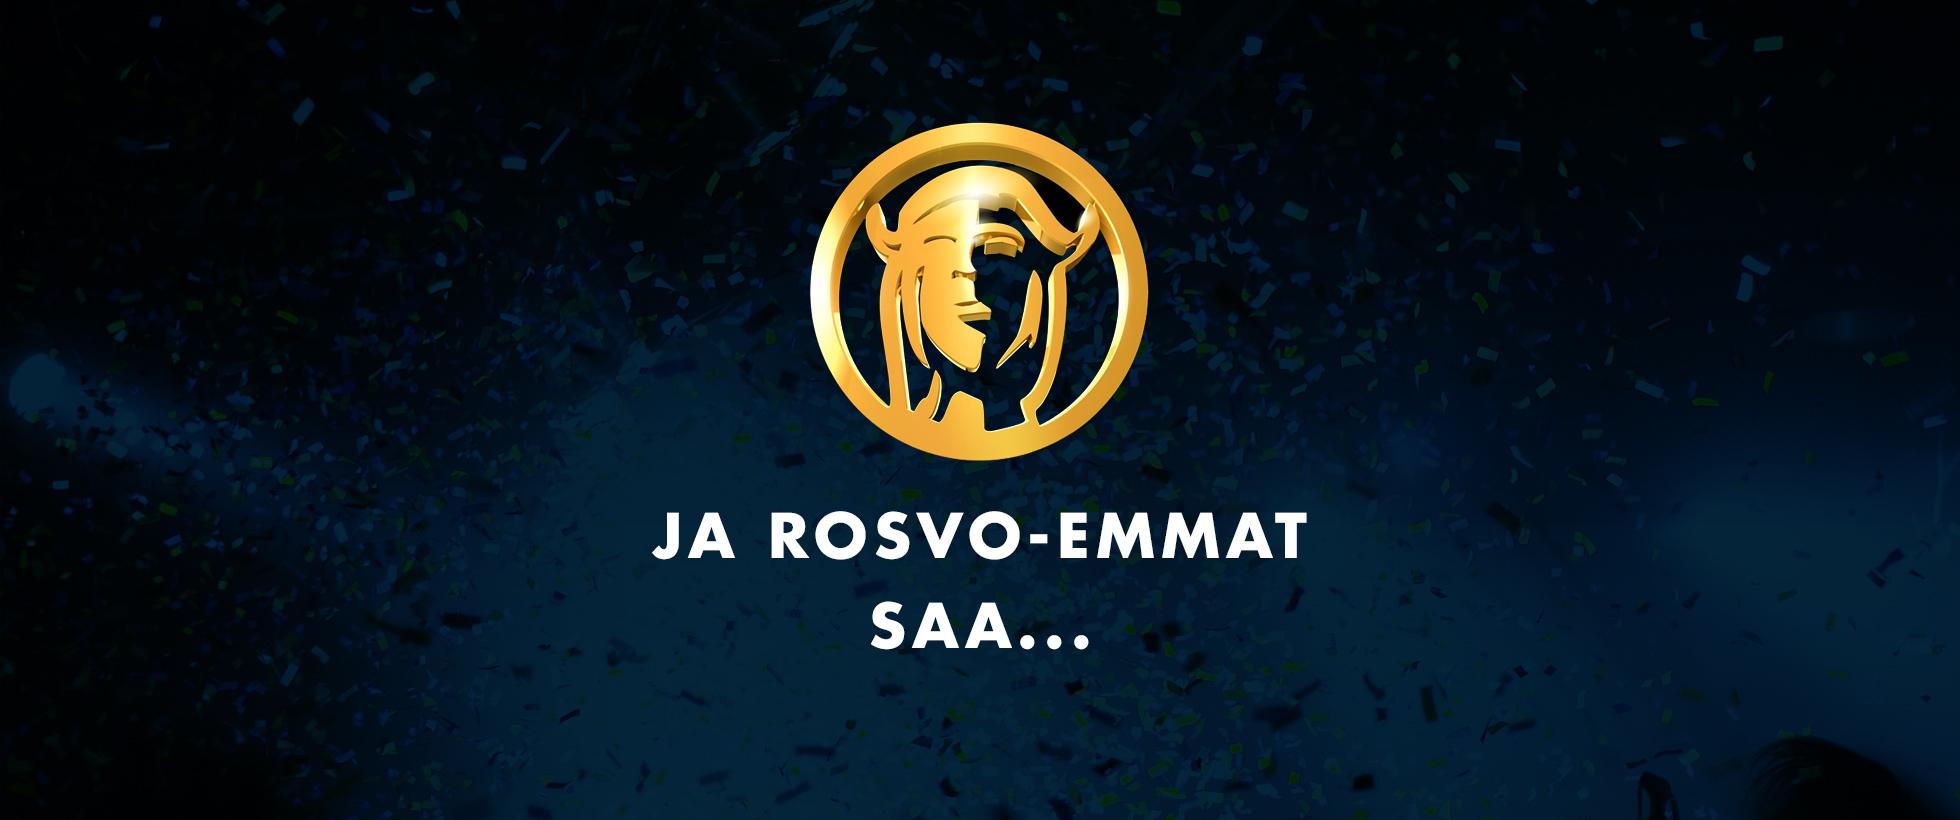 Ja Rosvo-Emmat saa...